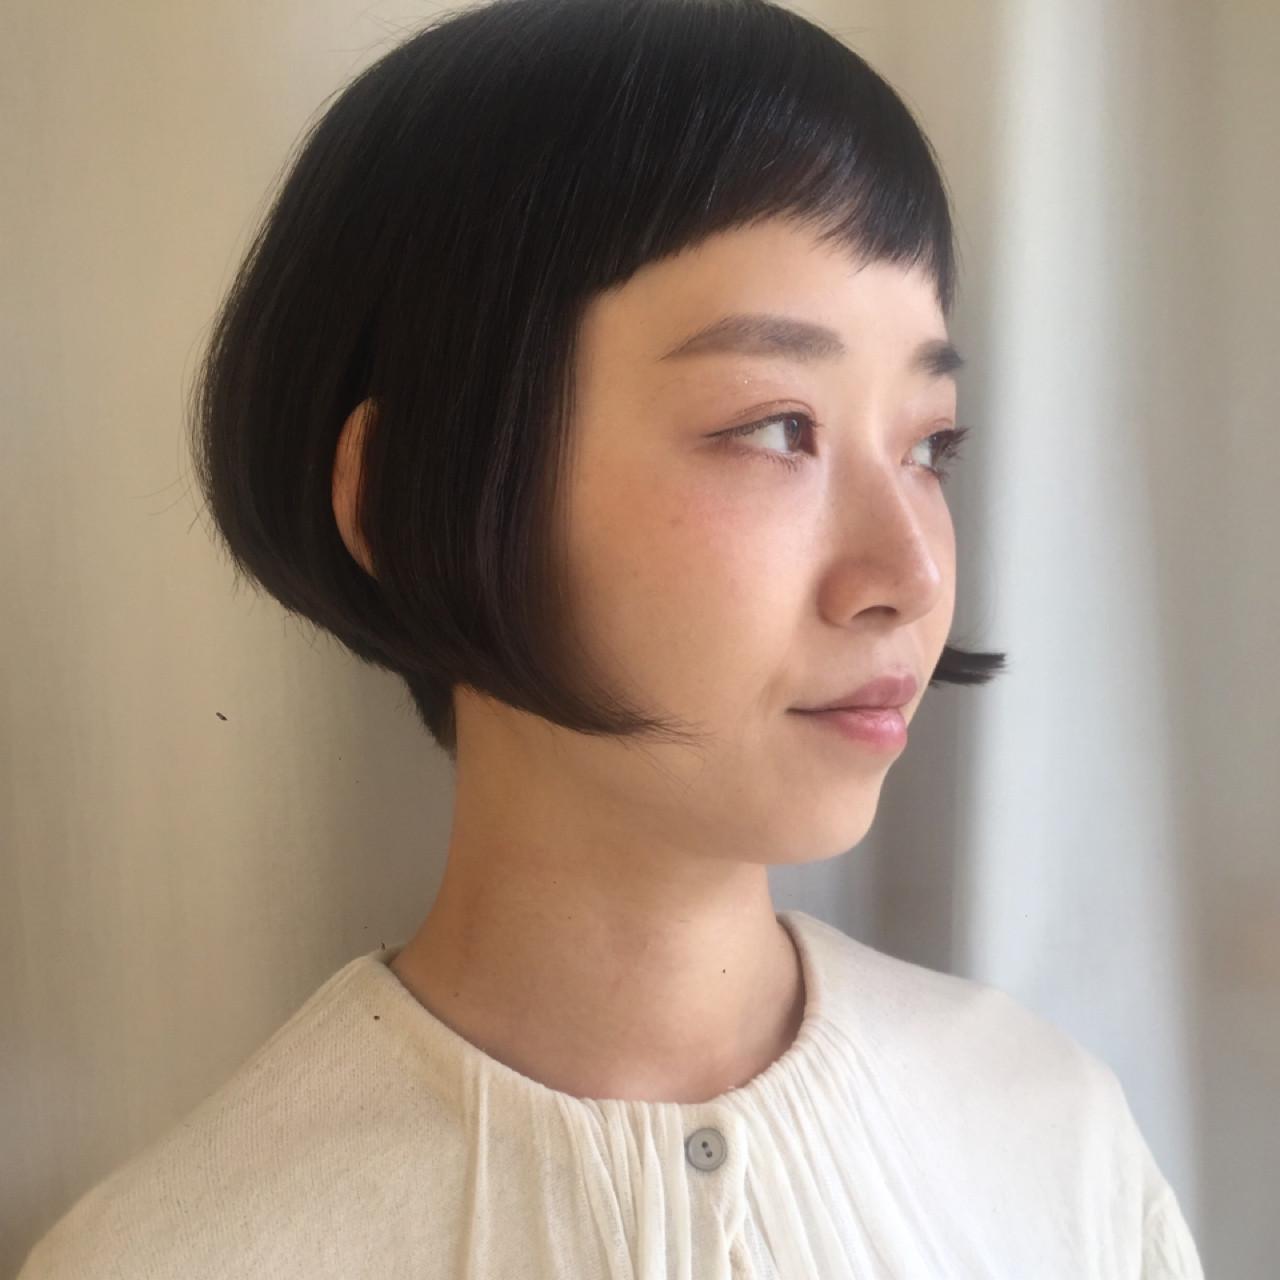 短め前髪と借り上げでちょっと個性的にしたいなら 岩城浩子